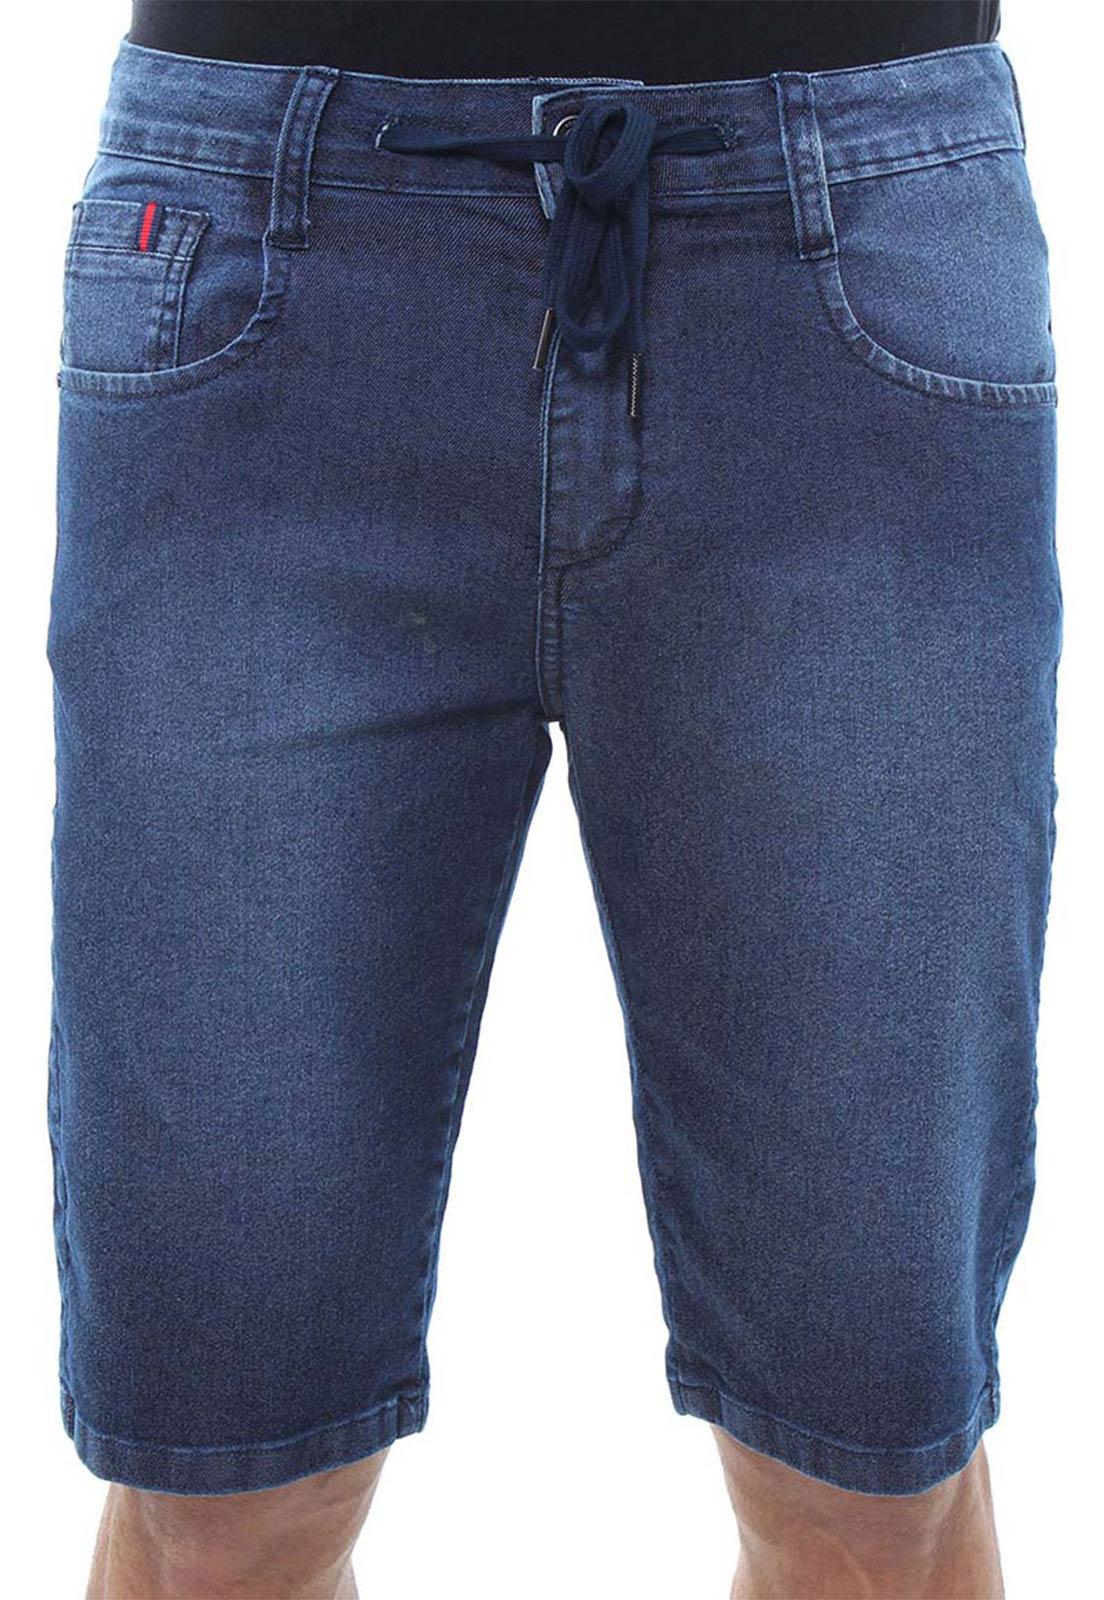 Bermuda Jeans Masculina Confort Crocker - 47839